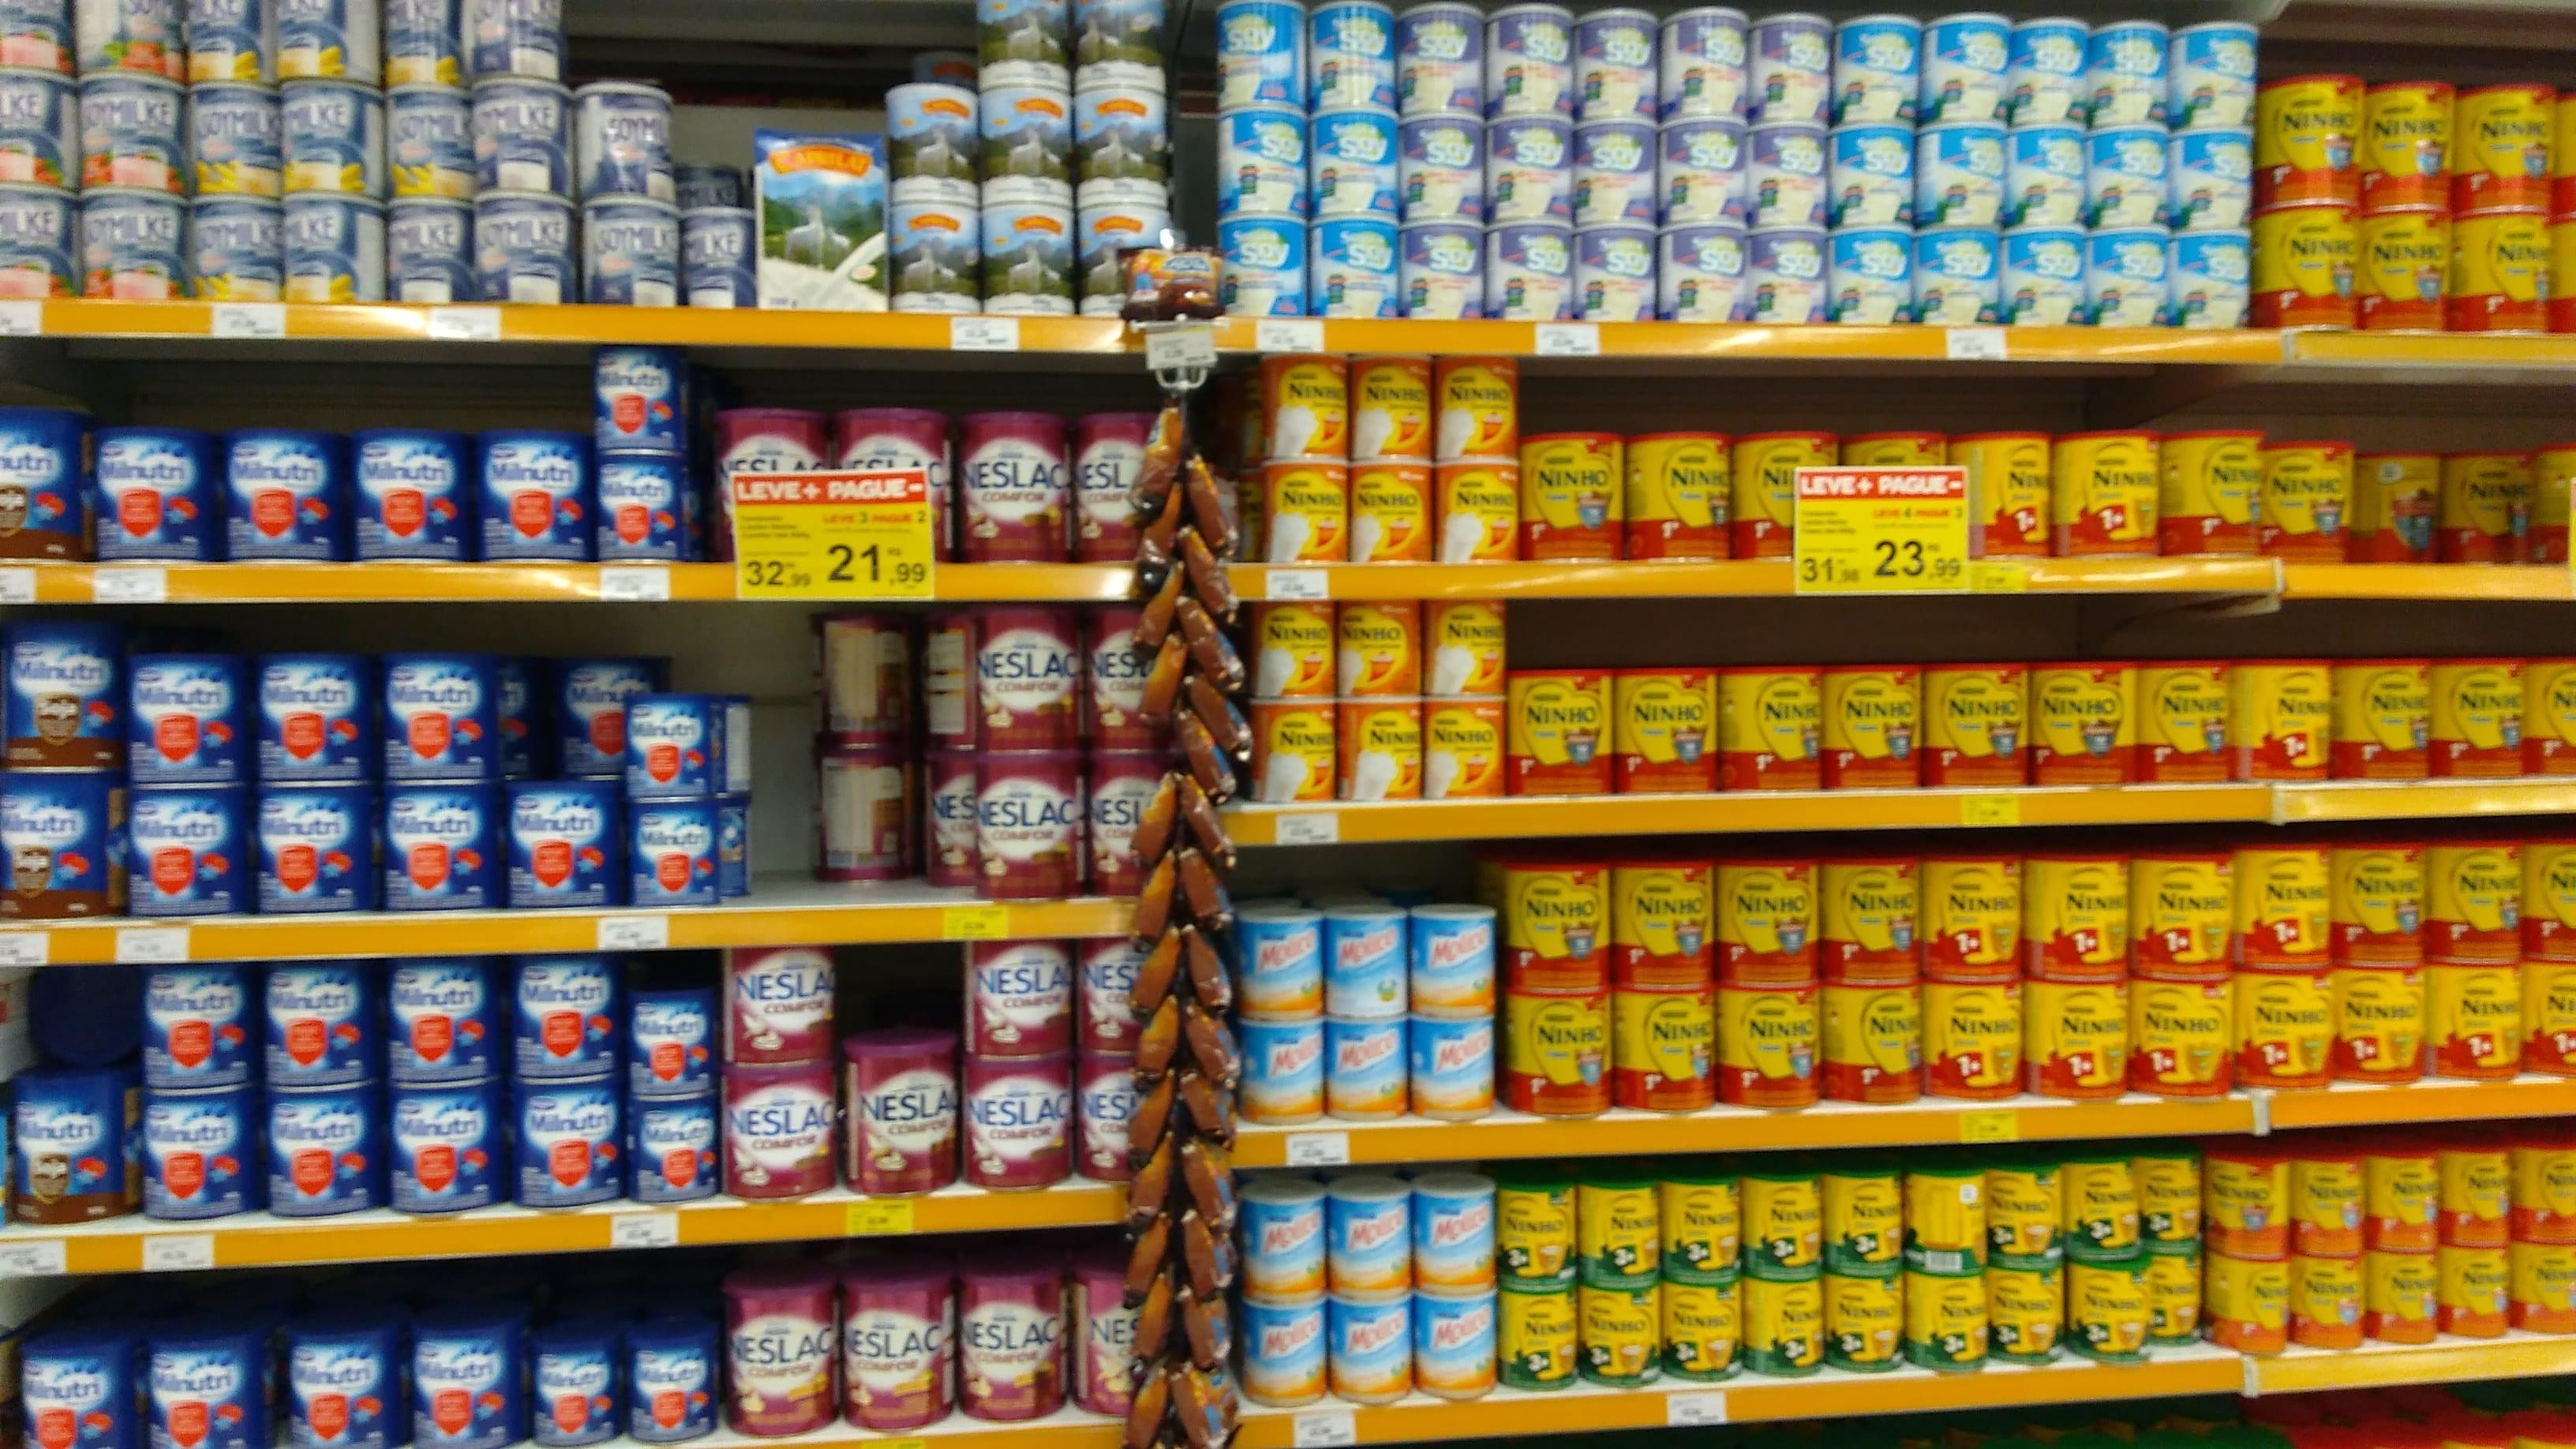 Promoção de diferentes marcas de leite em um supermercado (Foto: Mães de Peito)